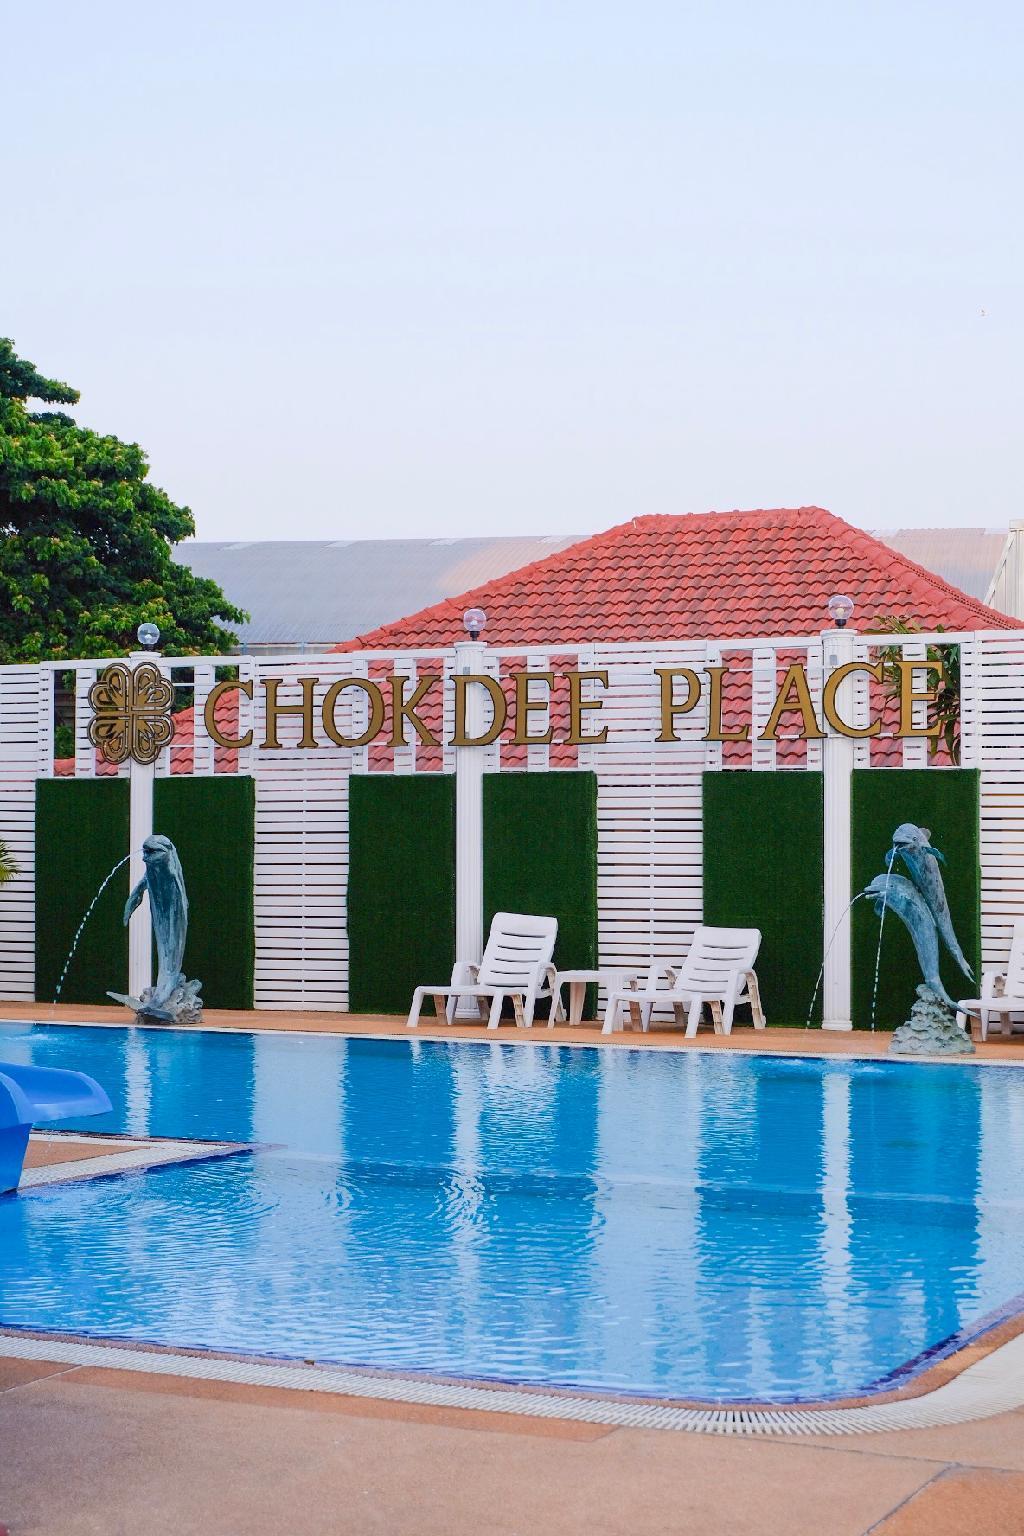 Chokdee Place